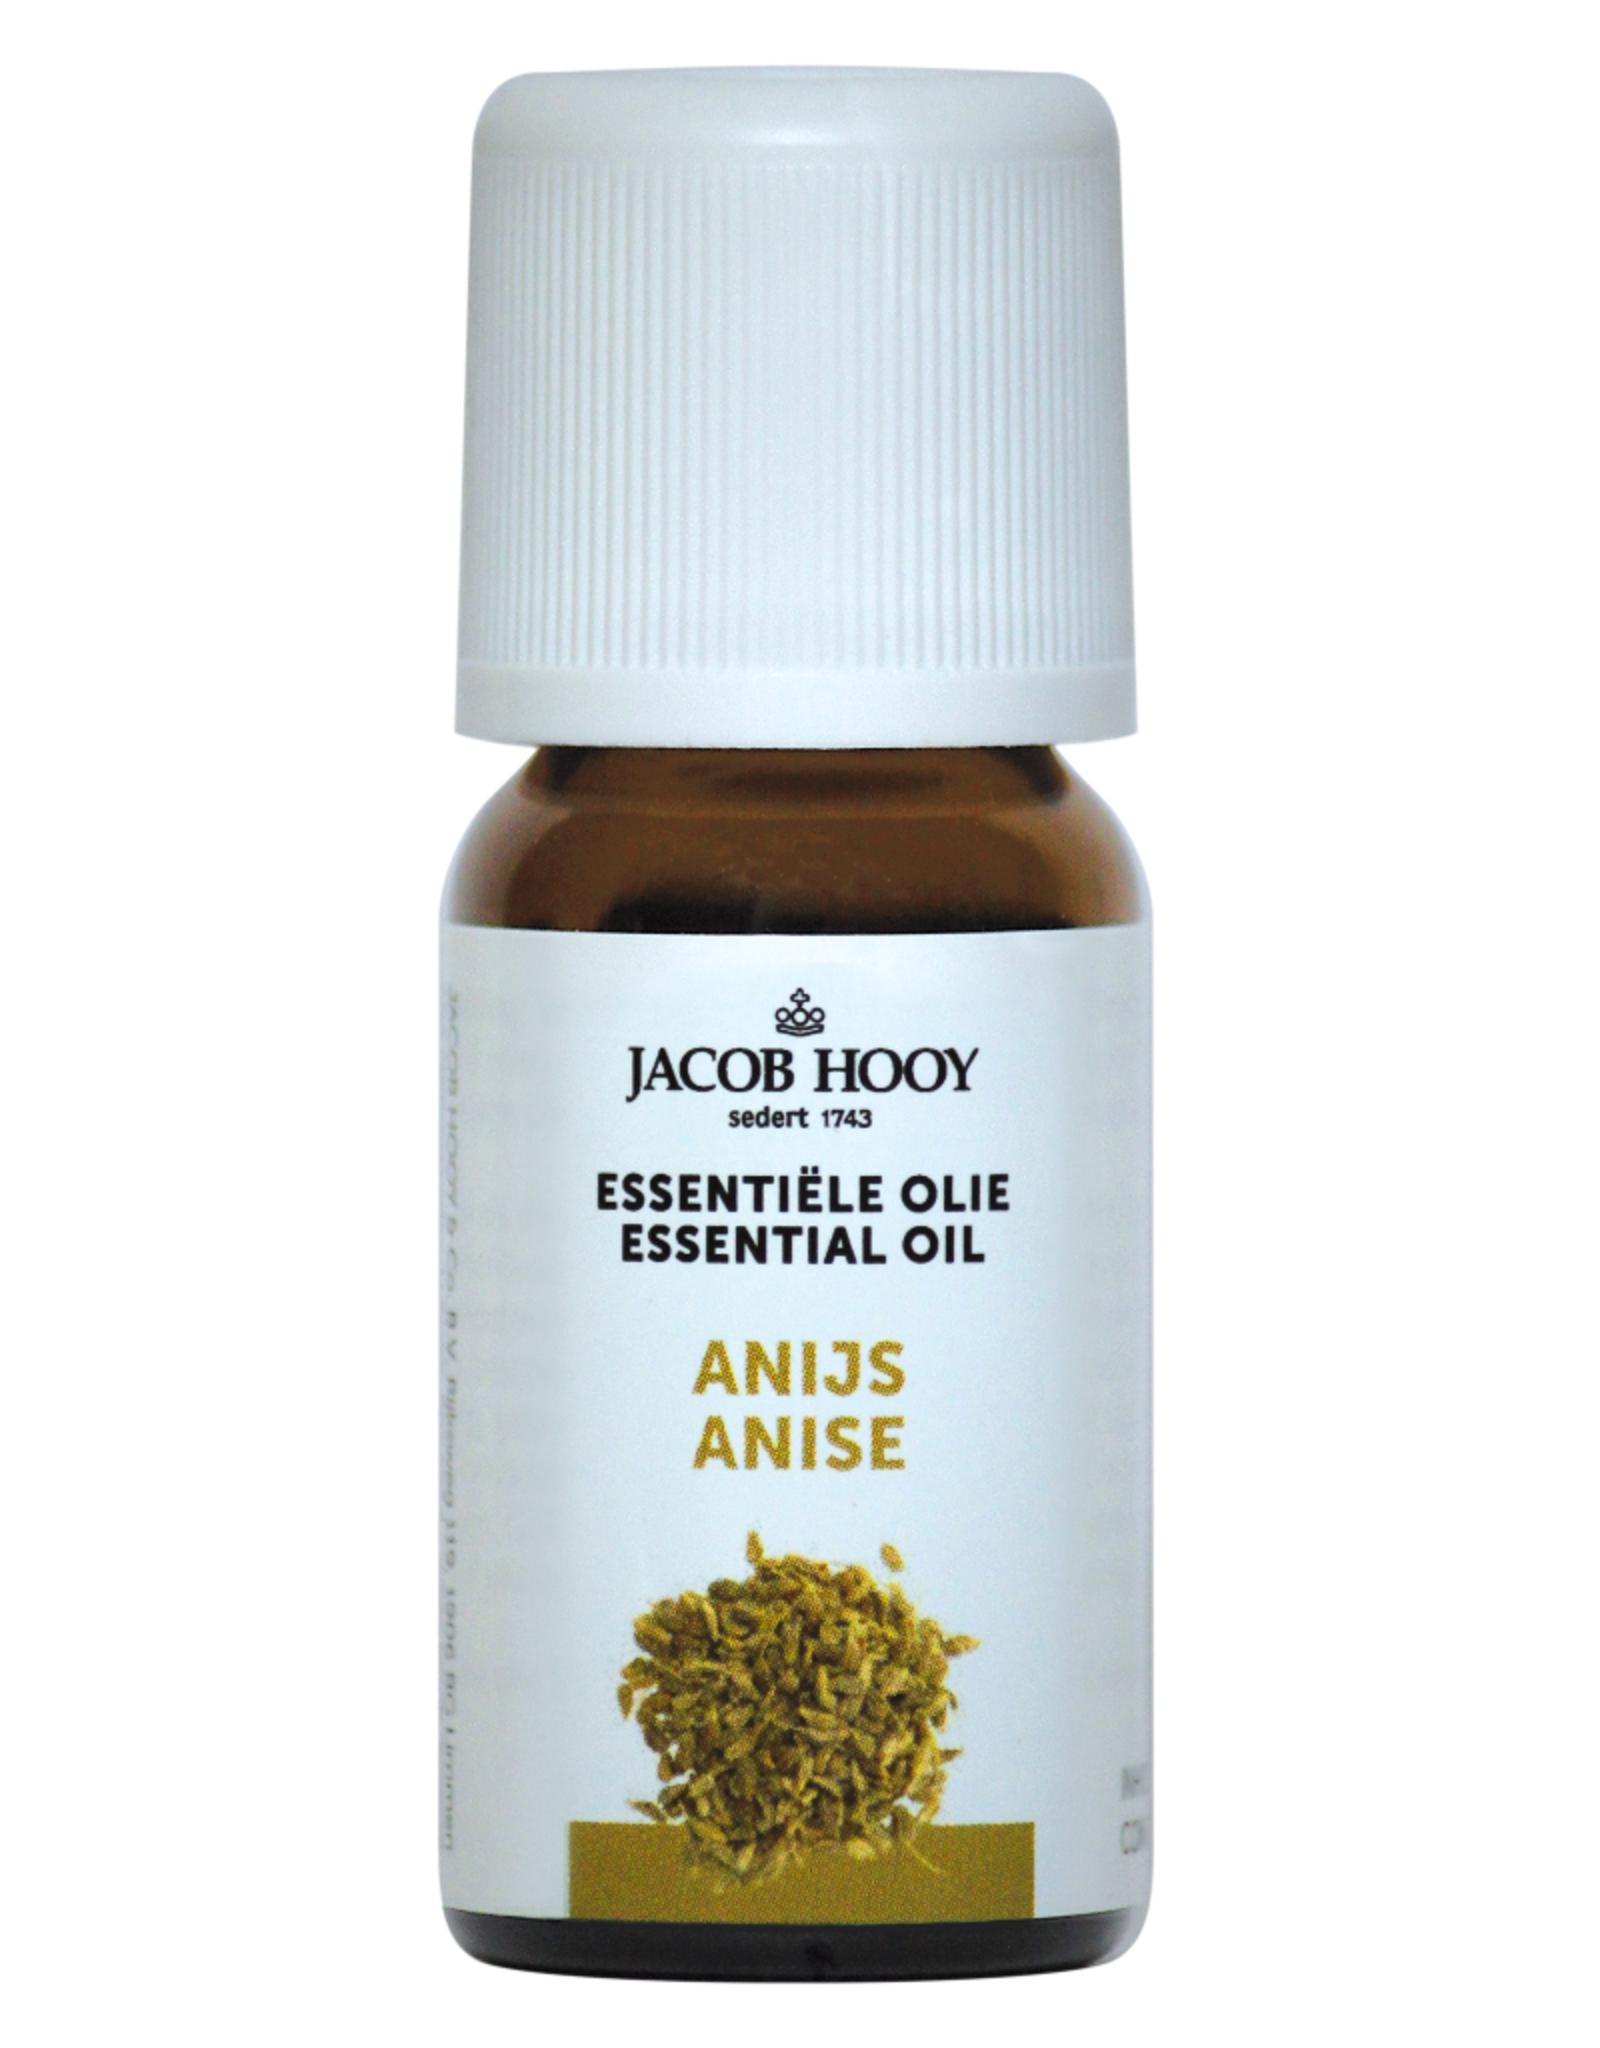 Anijs essentiële olie Jacob Hooy 10ml